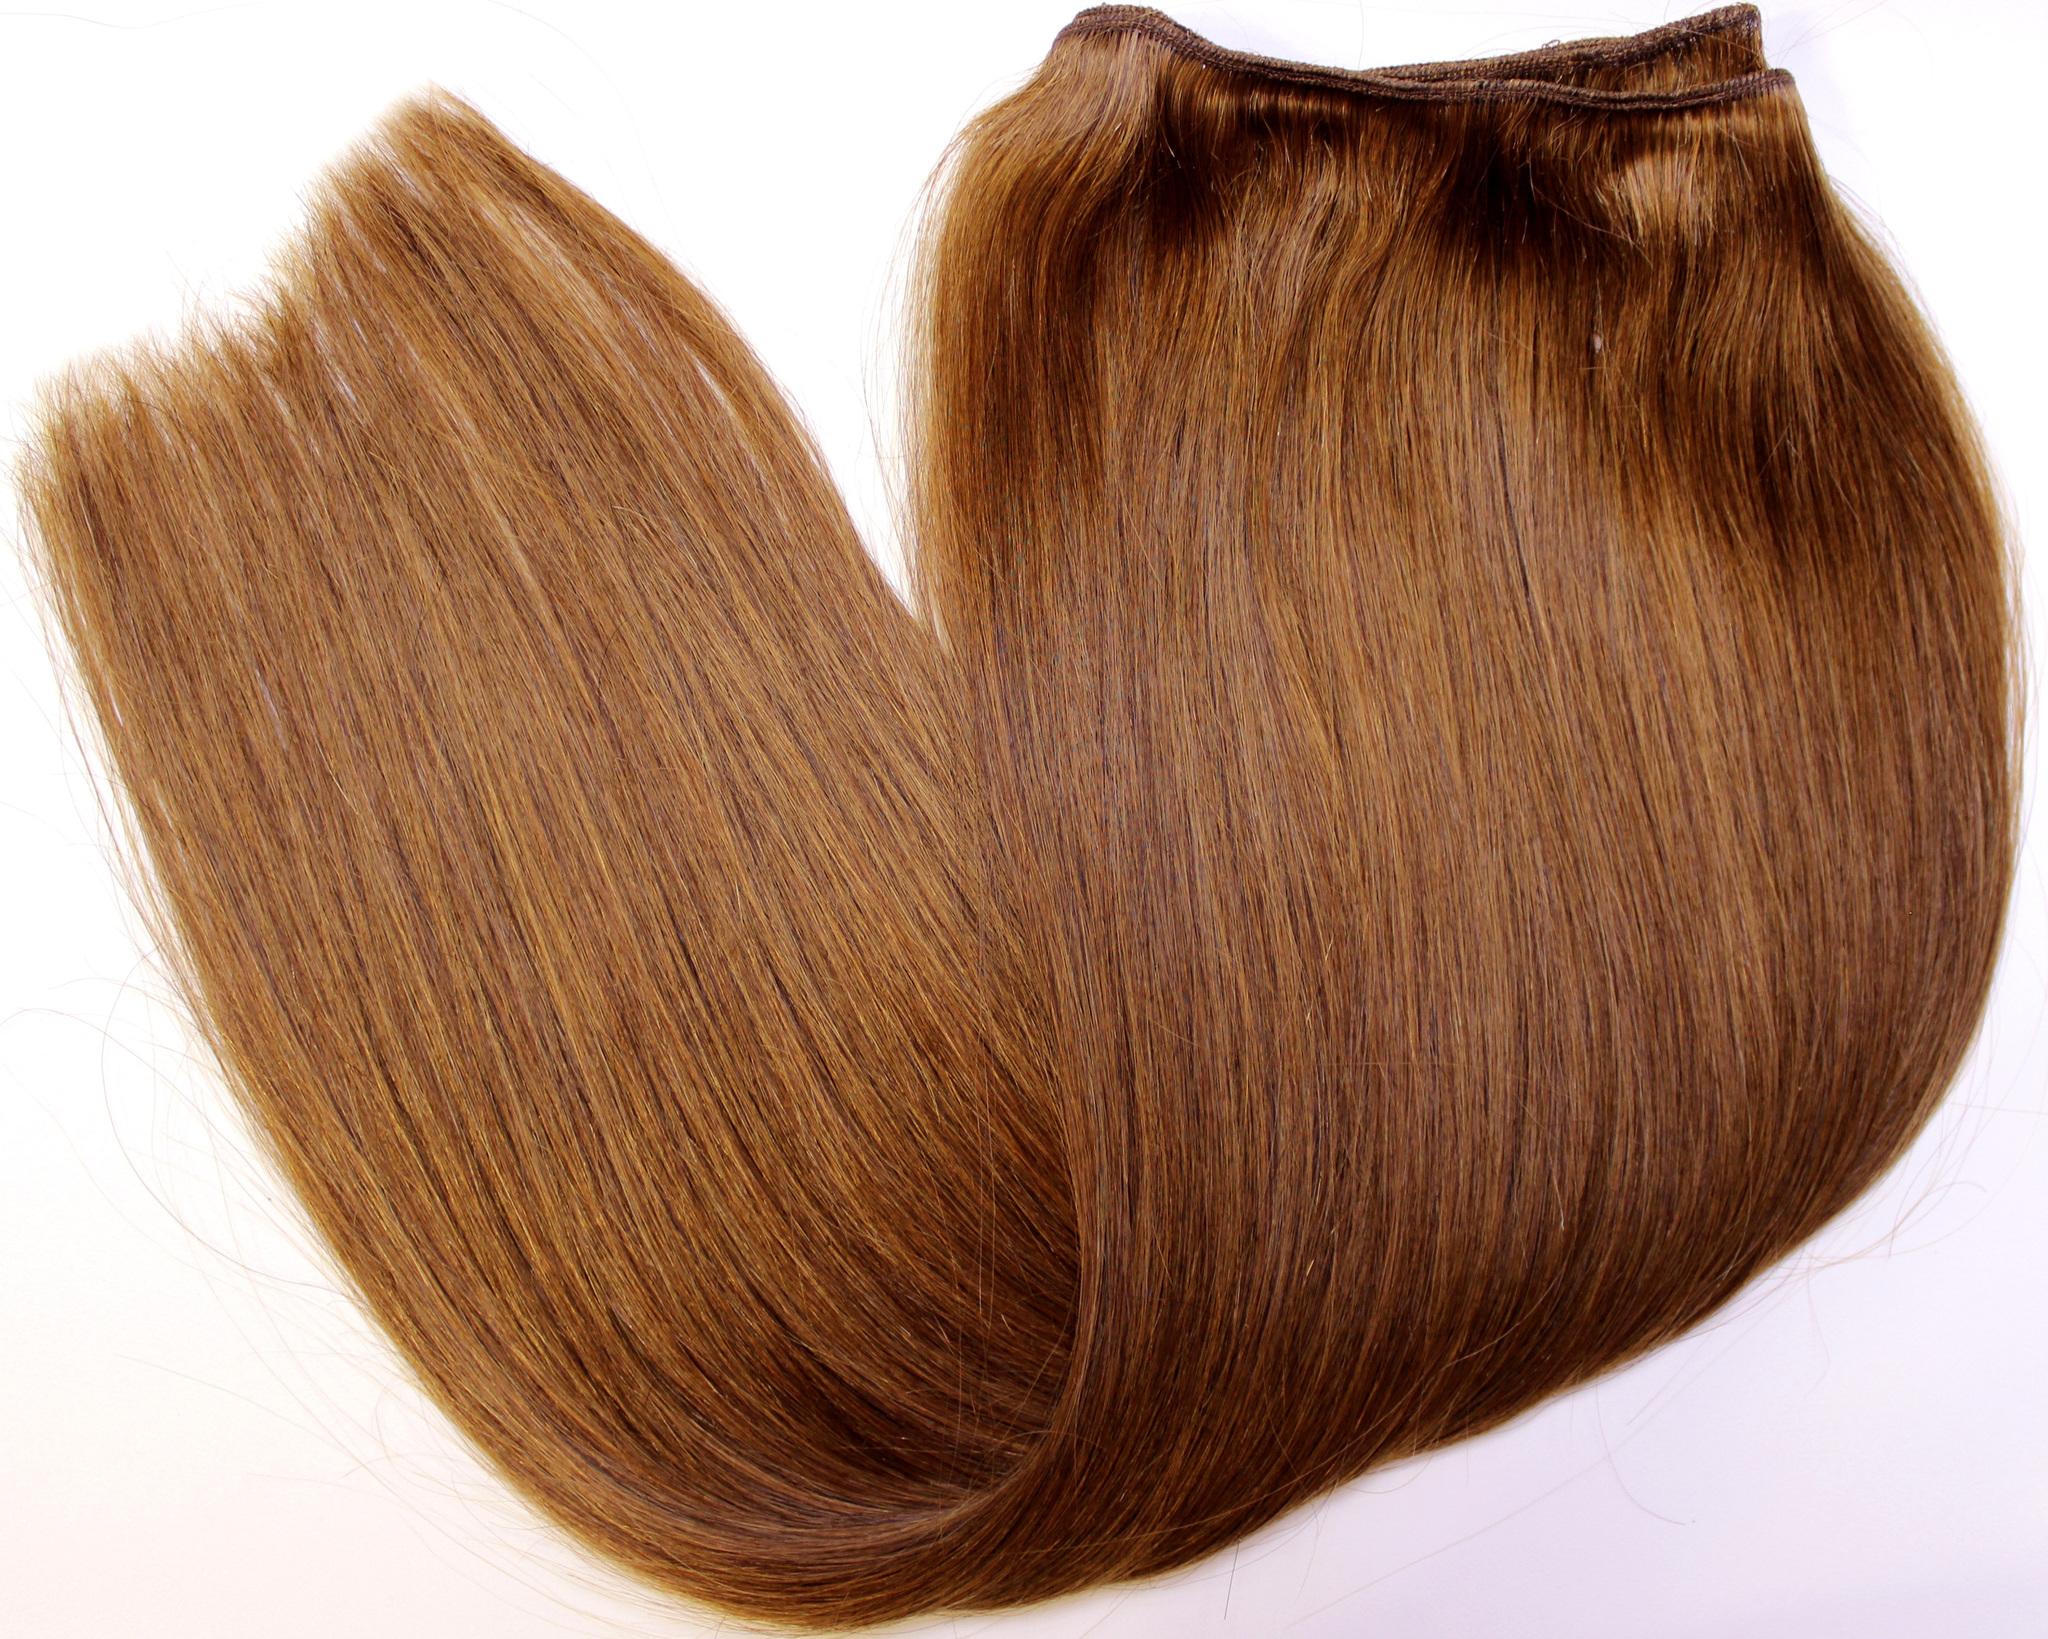 Тресс из натуральных волос длина 60 см,цвет #6-темно-русый